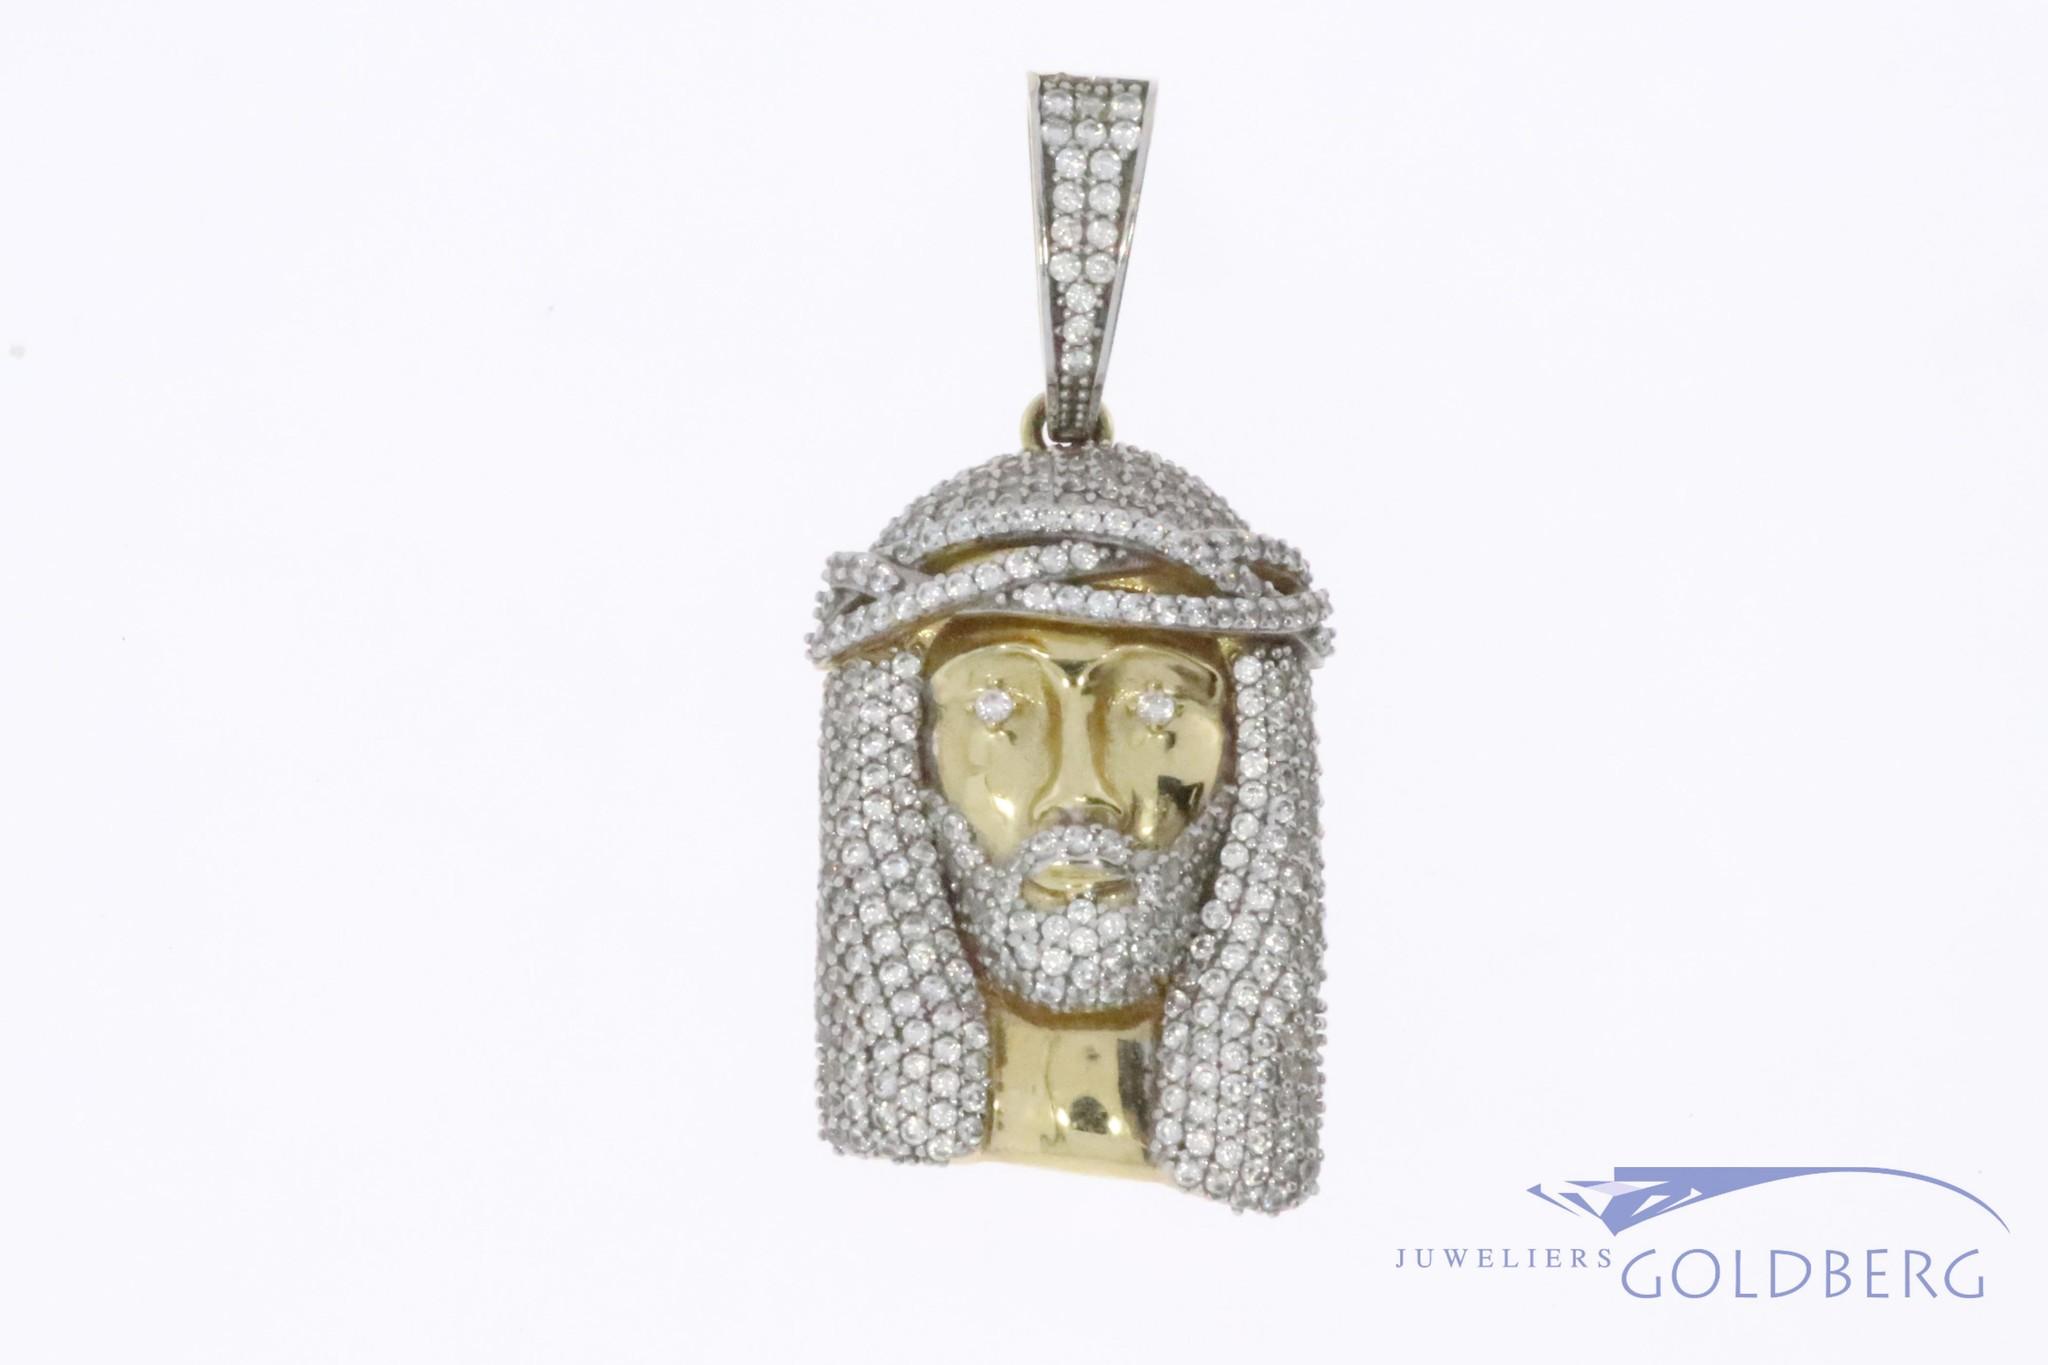 14k gouden Jezus hanger met zirconia's